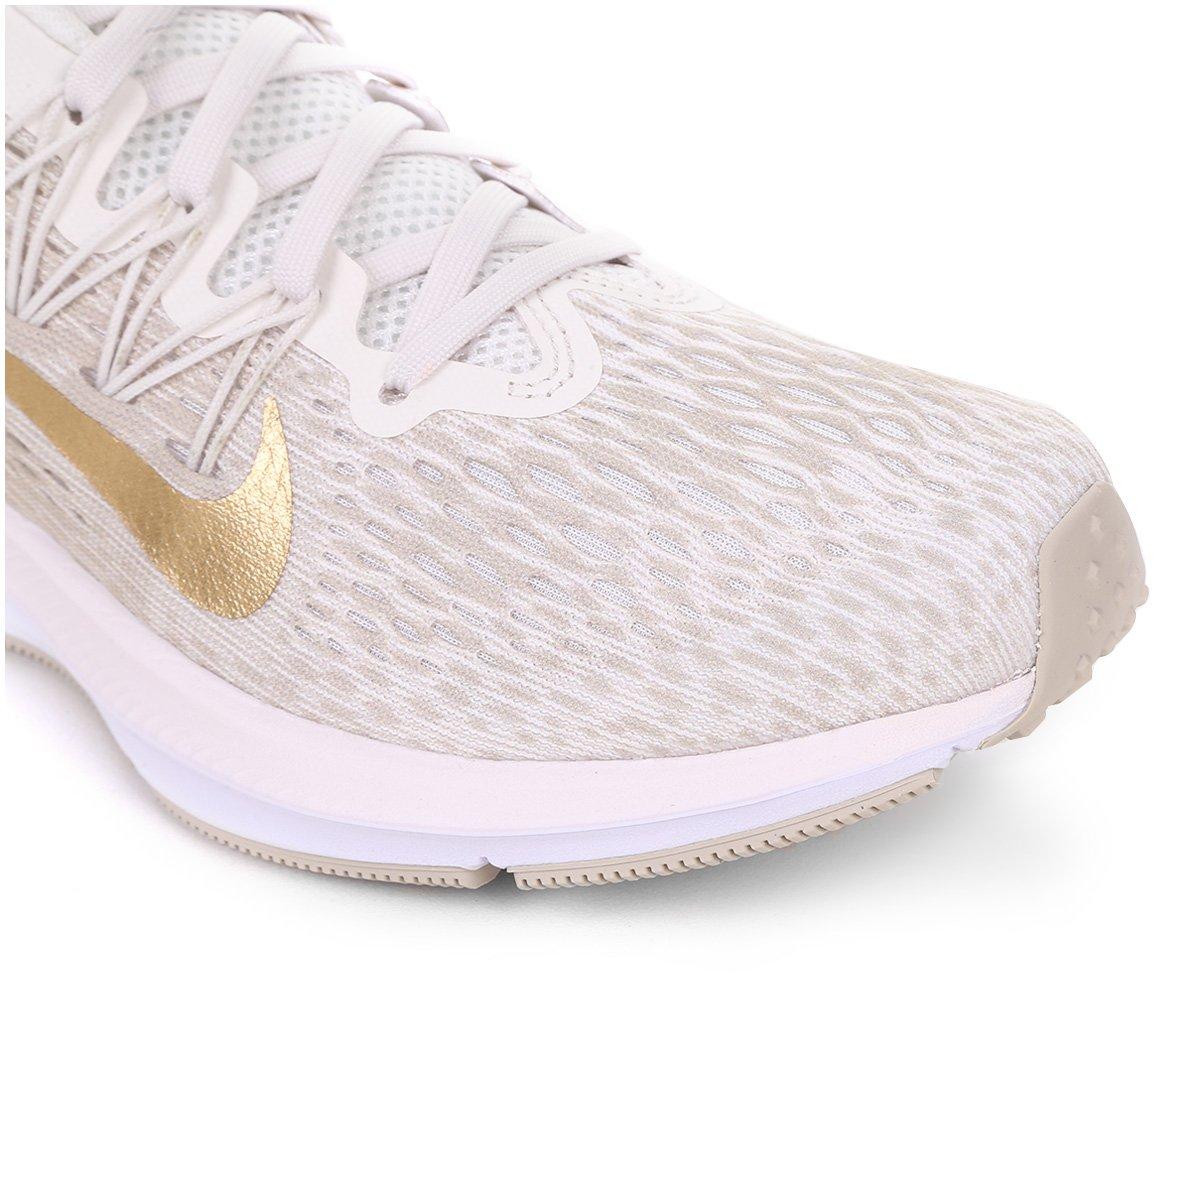 ... Tênis Nike WMNS Zoom Winflo 5 Feminino - Bege e Dourado - Compre . ff694c6df76a5